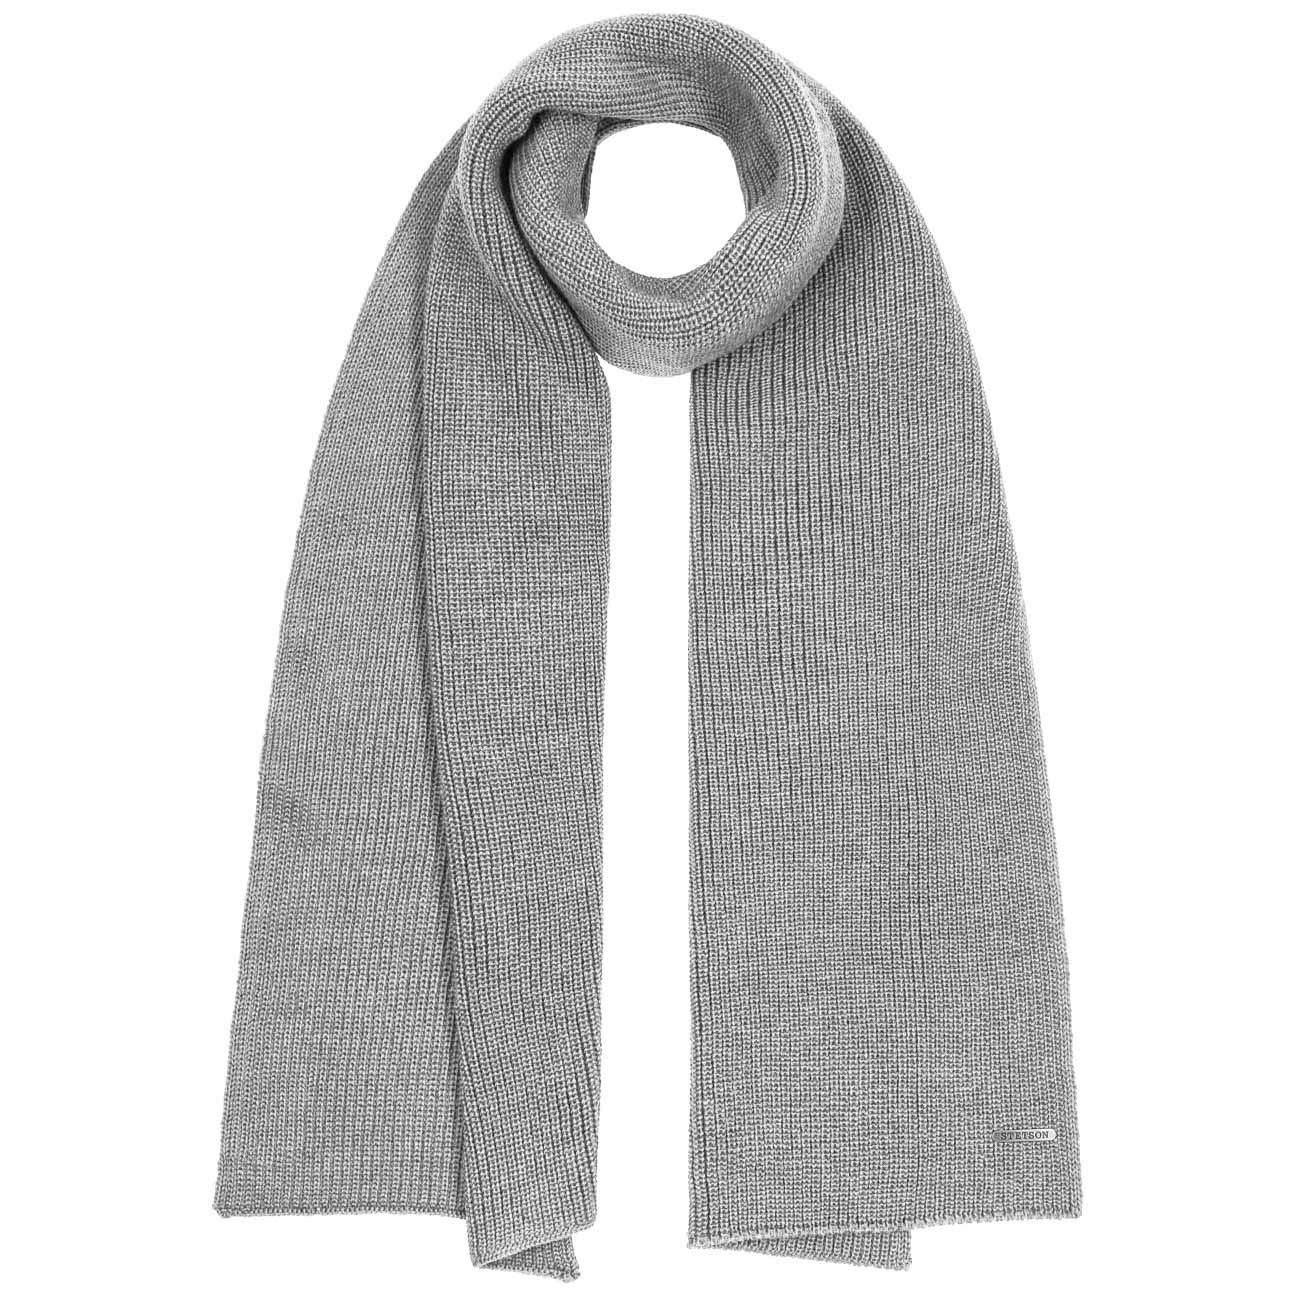 Made in Italy Wollschal Freizeitschal Herbst-Winter Stetson Caledonia Merino Winterschal Damen//Herren